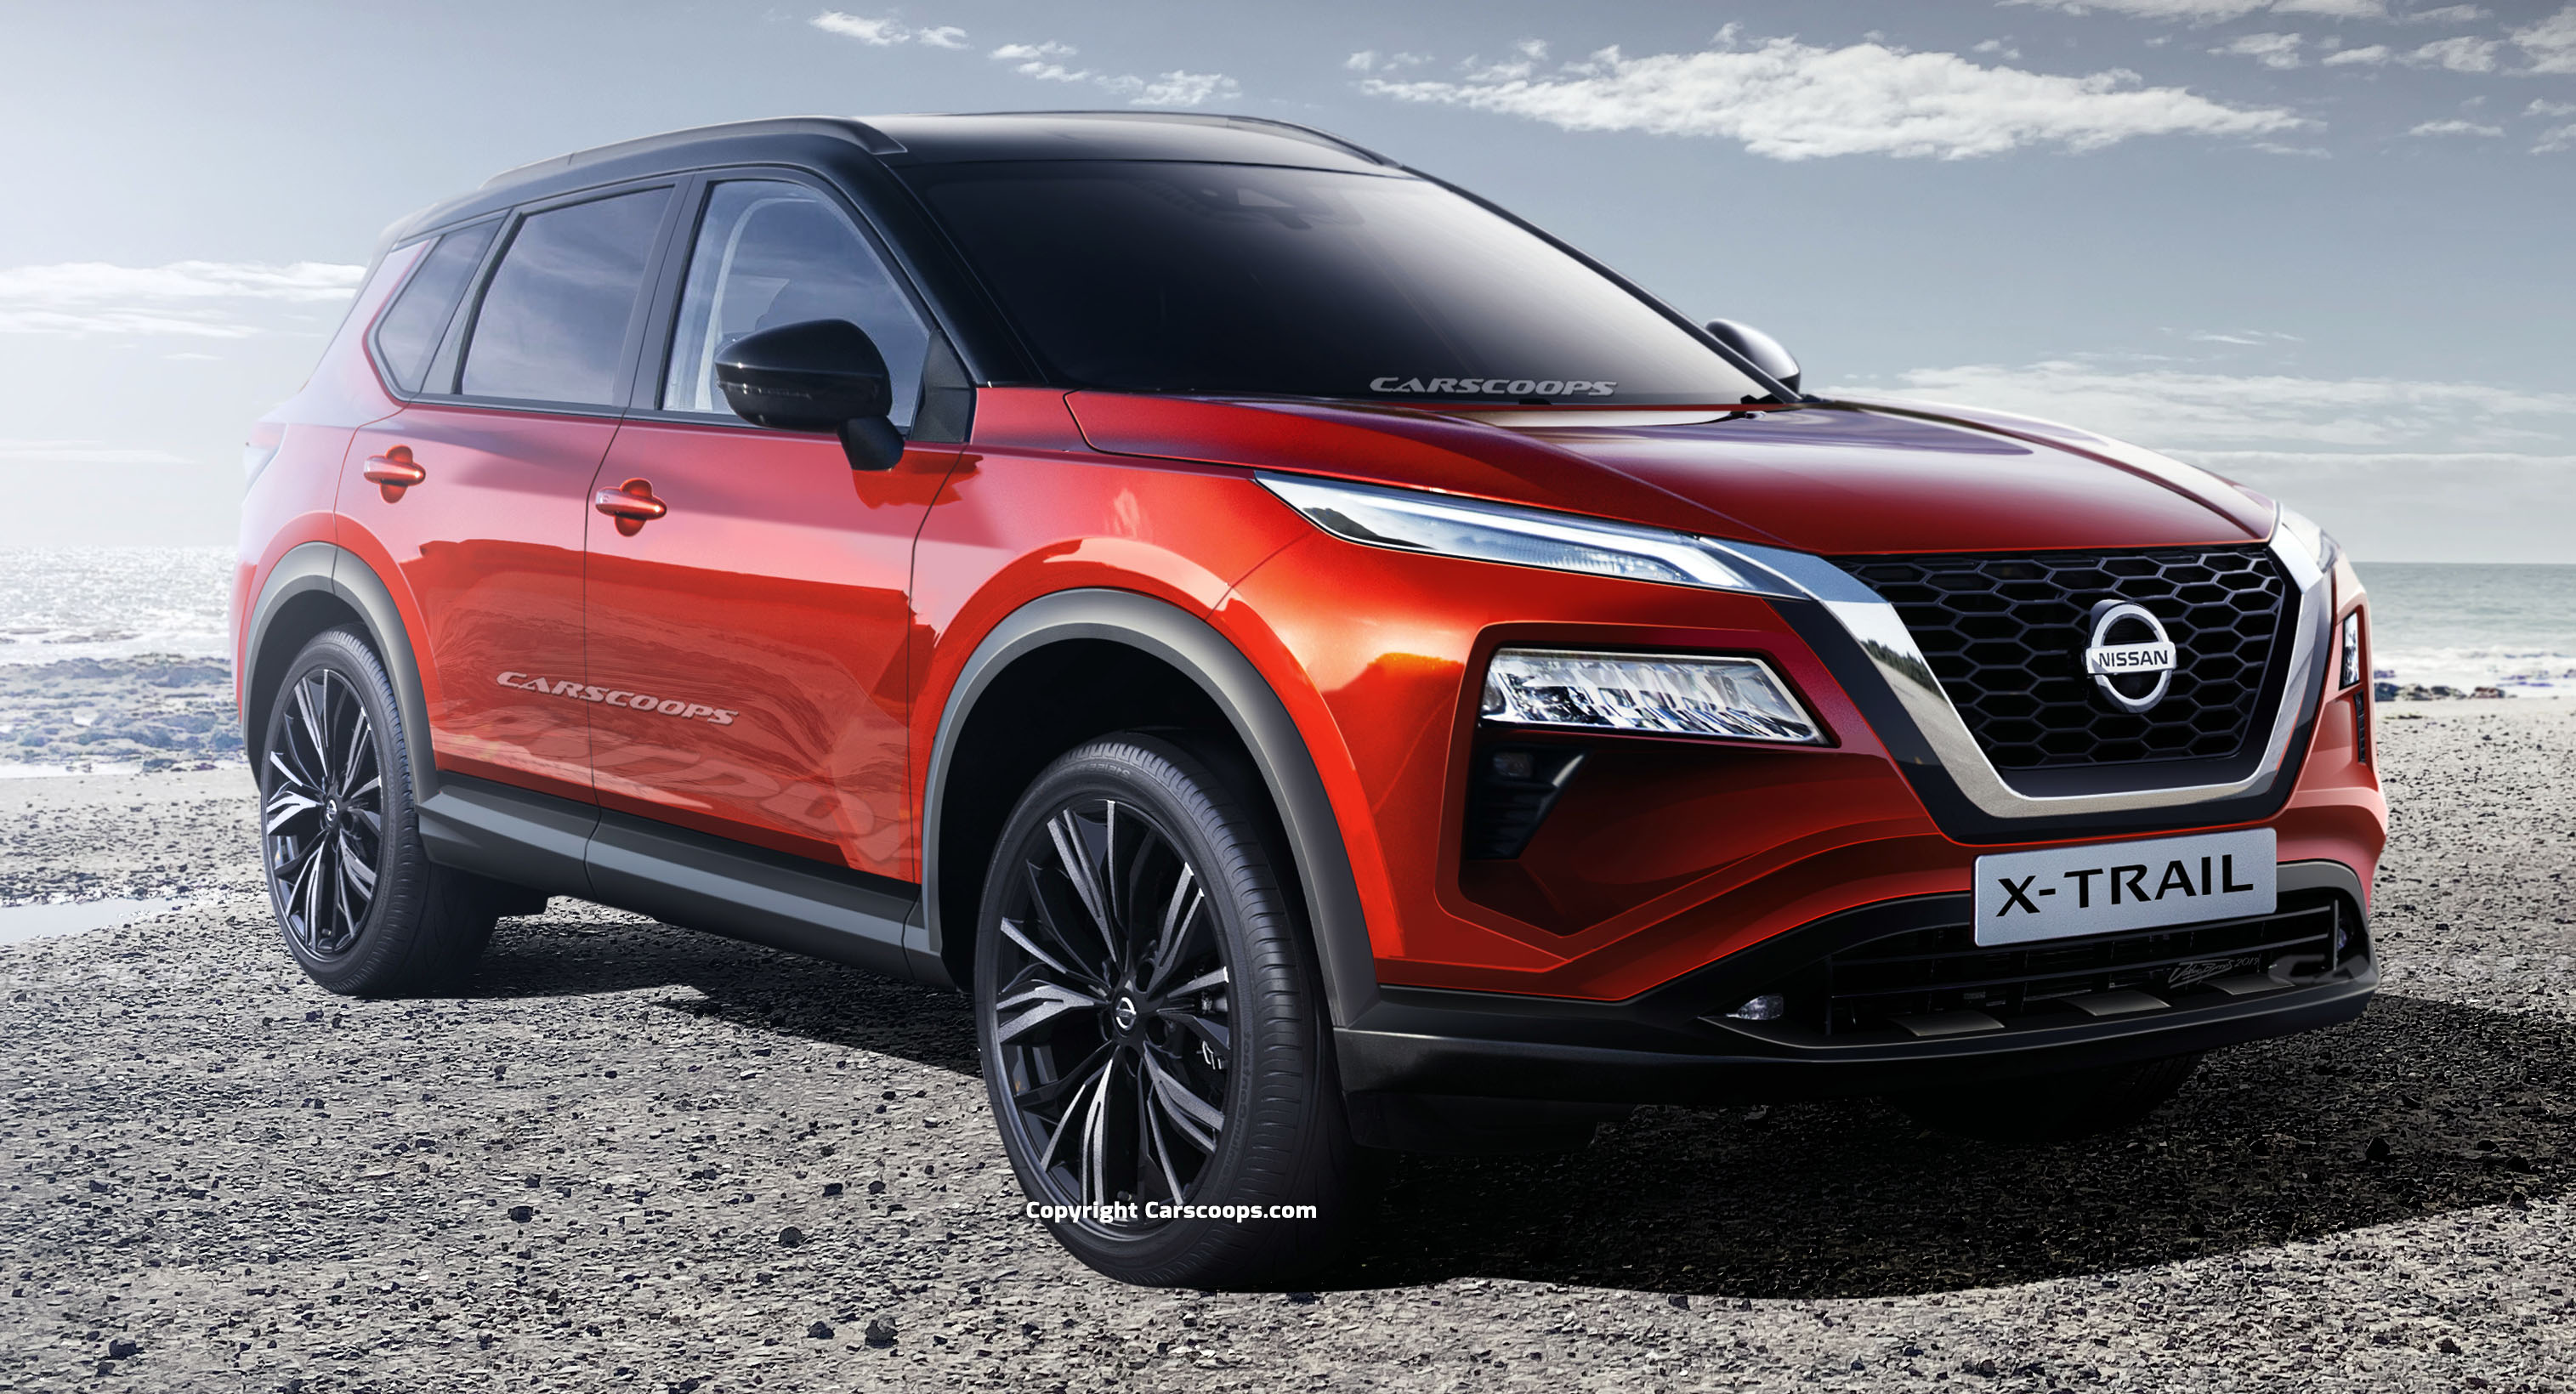 2021 nissan kicks length  latest car news